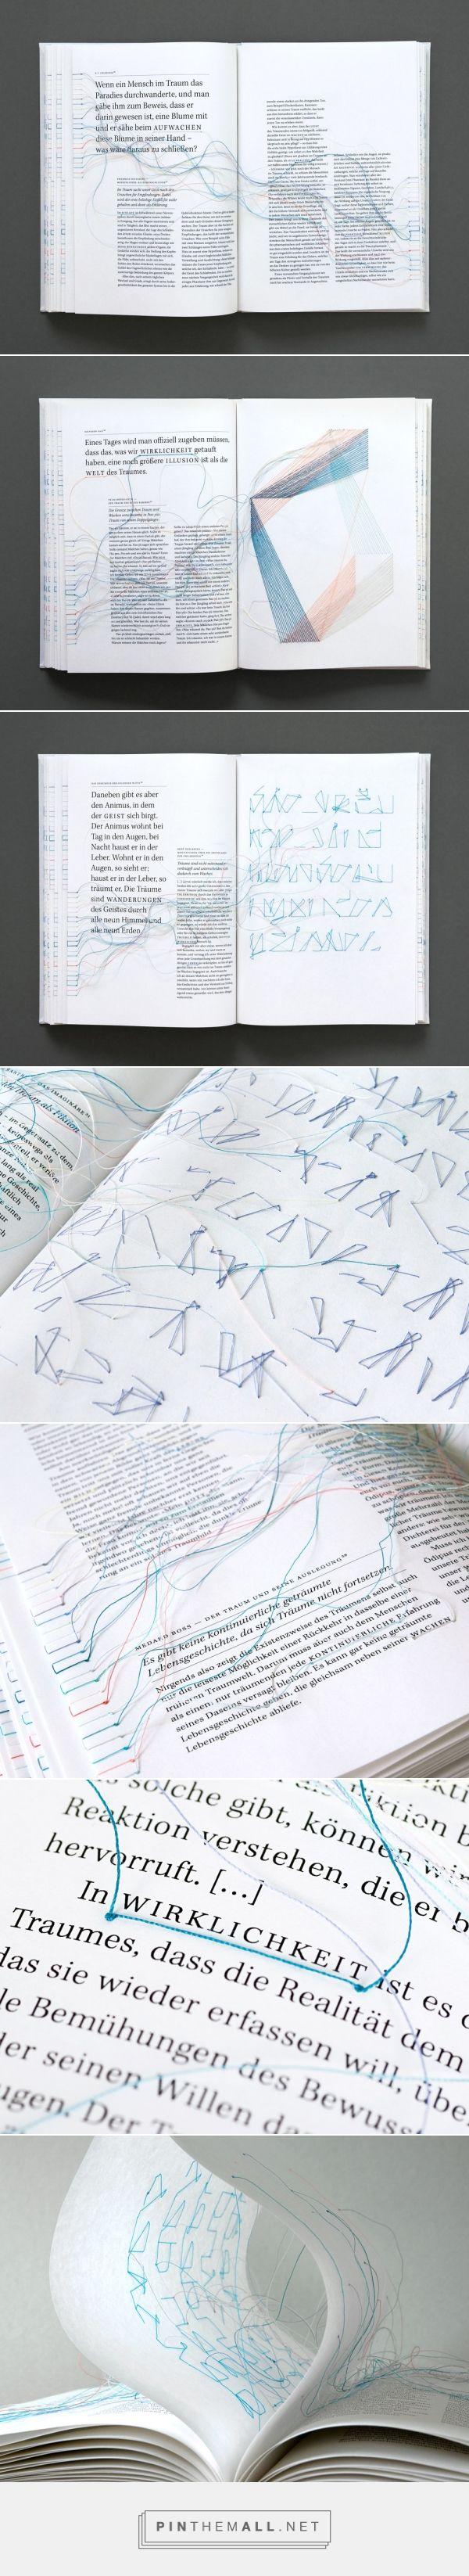 Maria Fischer - book - created via https://pinthemall.net